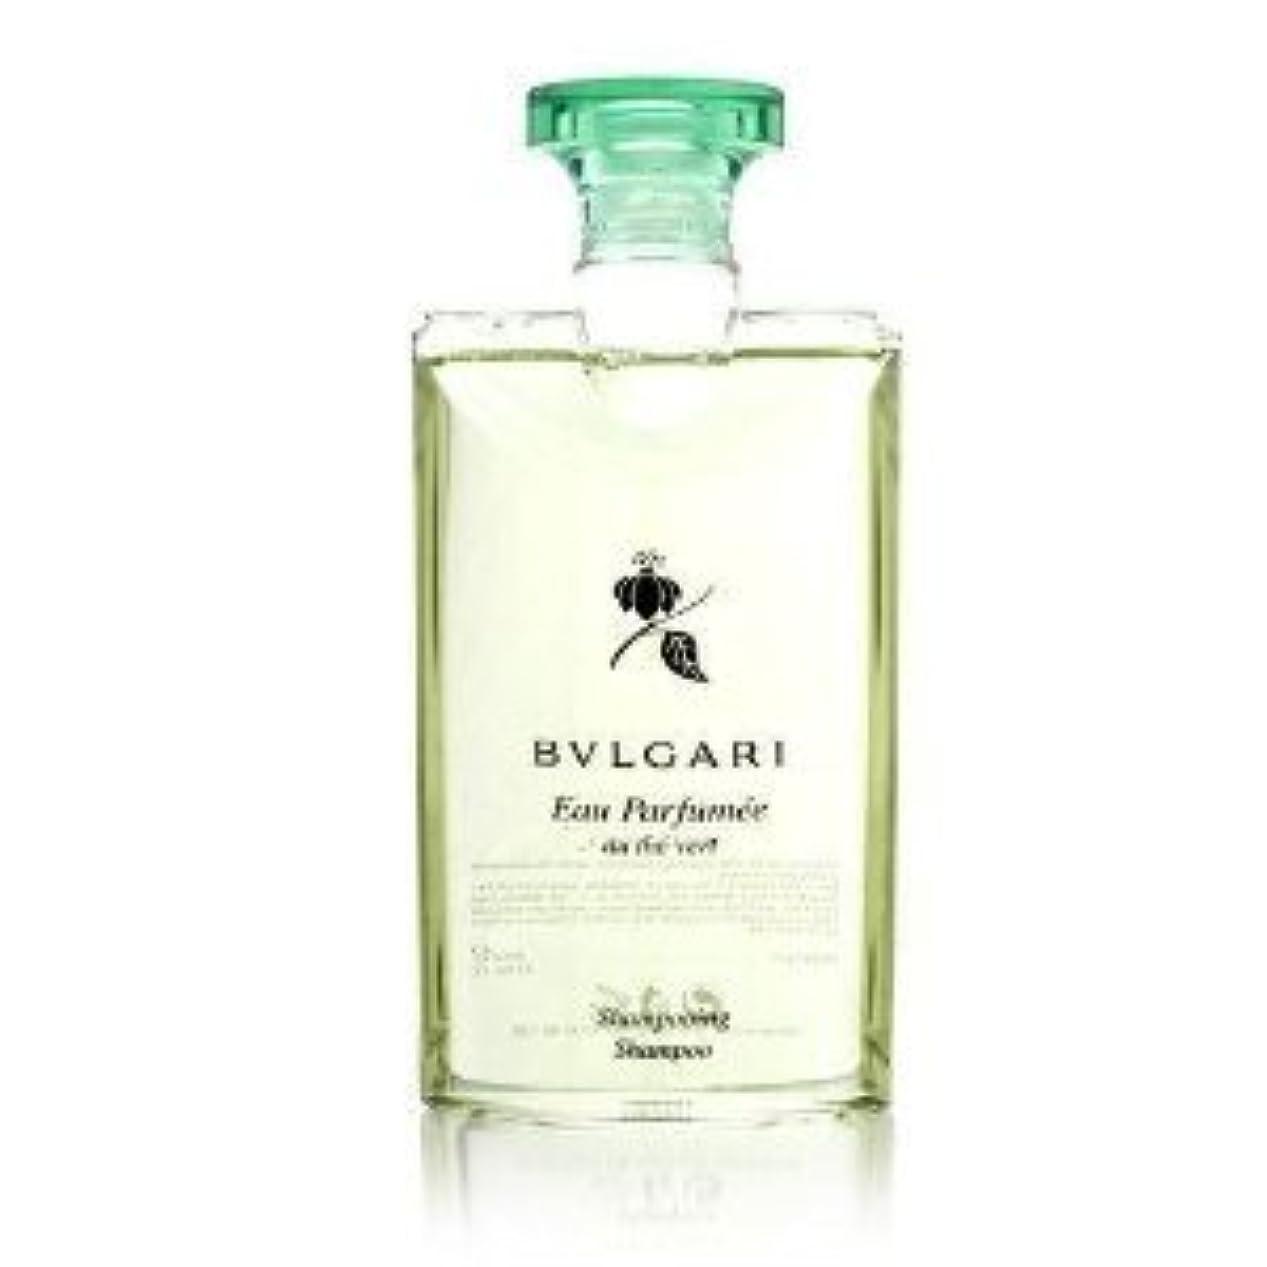 しなやか承認するラボBvlgari Eau Parfumee au the vert (ブルガリ オー パフュ-メ オウ ザ バート / グリーン ティー) 2.5 oz (75ml) シャンプー